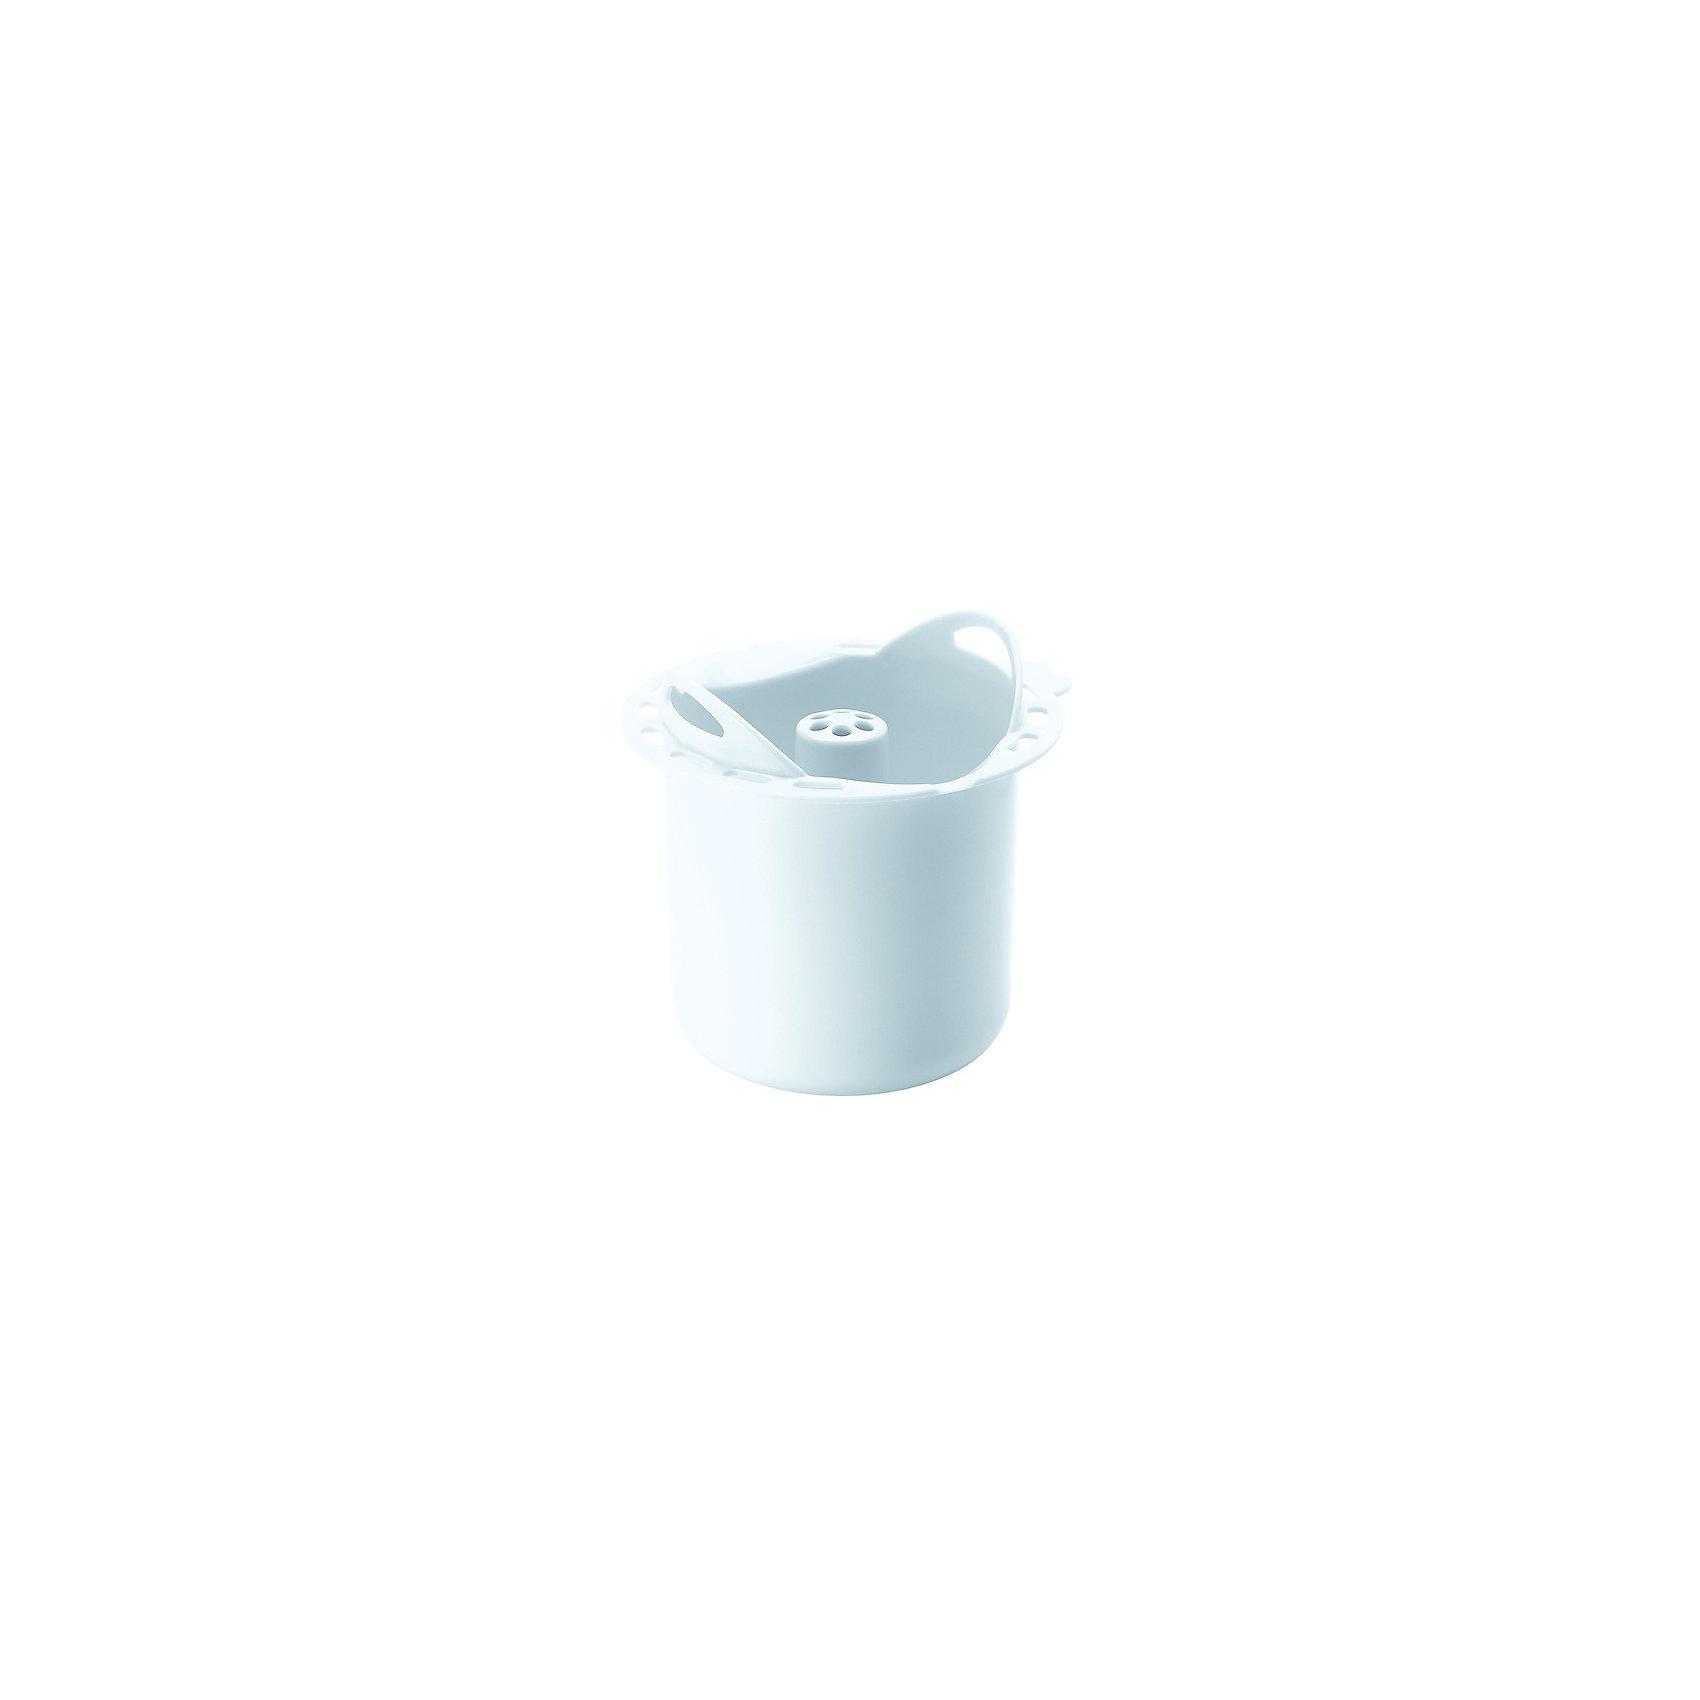 Контейнер для варки круп BBK, Beaba, белыйБытовая техника для кухни<br>Контейнер для варки круп BBK, Beaba (Беаба), белый<br><br>Характеристики:<br><br>• поможет сварить крупу, макароны и бобовые без постоянного присмотра<br>• подходит для Babycook Solo/Duo<br>• высота: 8 см<br>• диаметр: 11 см<br>• материал: пластик<br>• размер упаковки: 12х12х9 см<br>• вес: 140 грамм<br><br>Контейнер BBK пригодится для варки круп, макаронных изделий и бобовых в пароварке Babycook Solo/Duo от Beaba. Пользоваться контейнером очень просто: насыпьте в центральную часть продукт, залейте водой, вставьте в чашу блендера-пароварки и установите нужный режим. Через некоторое время питание будет готово, в то время как вы можете спокойно заниматься своими делами.<br><br>Контейнер для варки круп BBK, Beaba (Беаба), белый можно купить в нашем интернет-магазине.<br><br>Ширина мм: 120<br>Глубина мм: 112<br>Высота мм: 110<br>Вес г: 140<br>Возраст от месяцев: 4<br>Возраст до месяцев: 2147483647<br>Пол: Унисекс<br>Возраст: Детский<br>SKU: 5445707